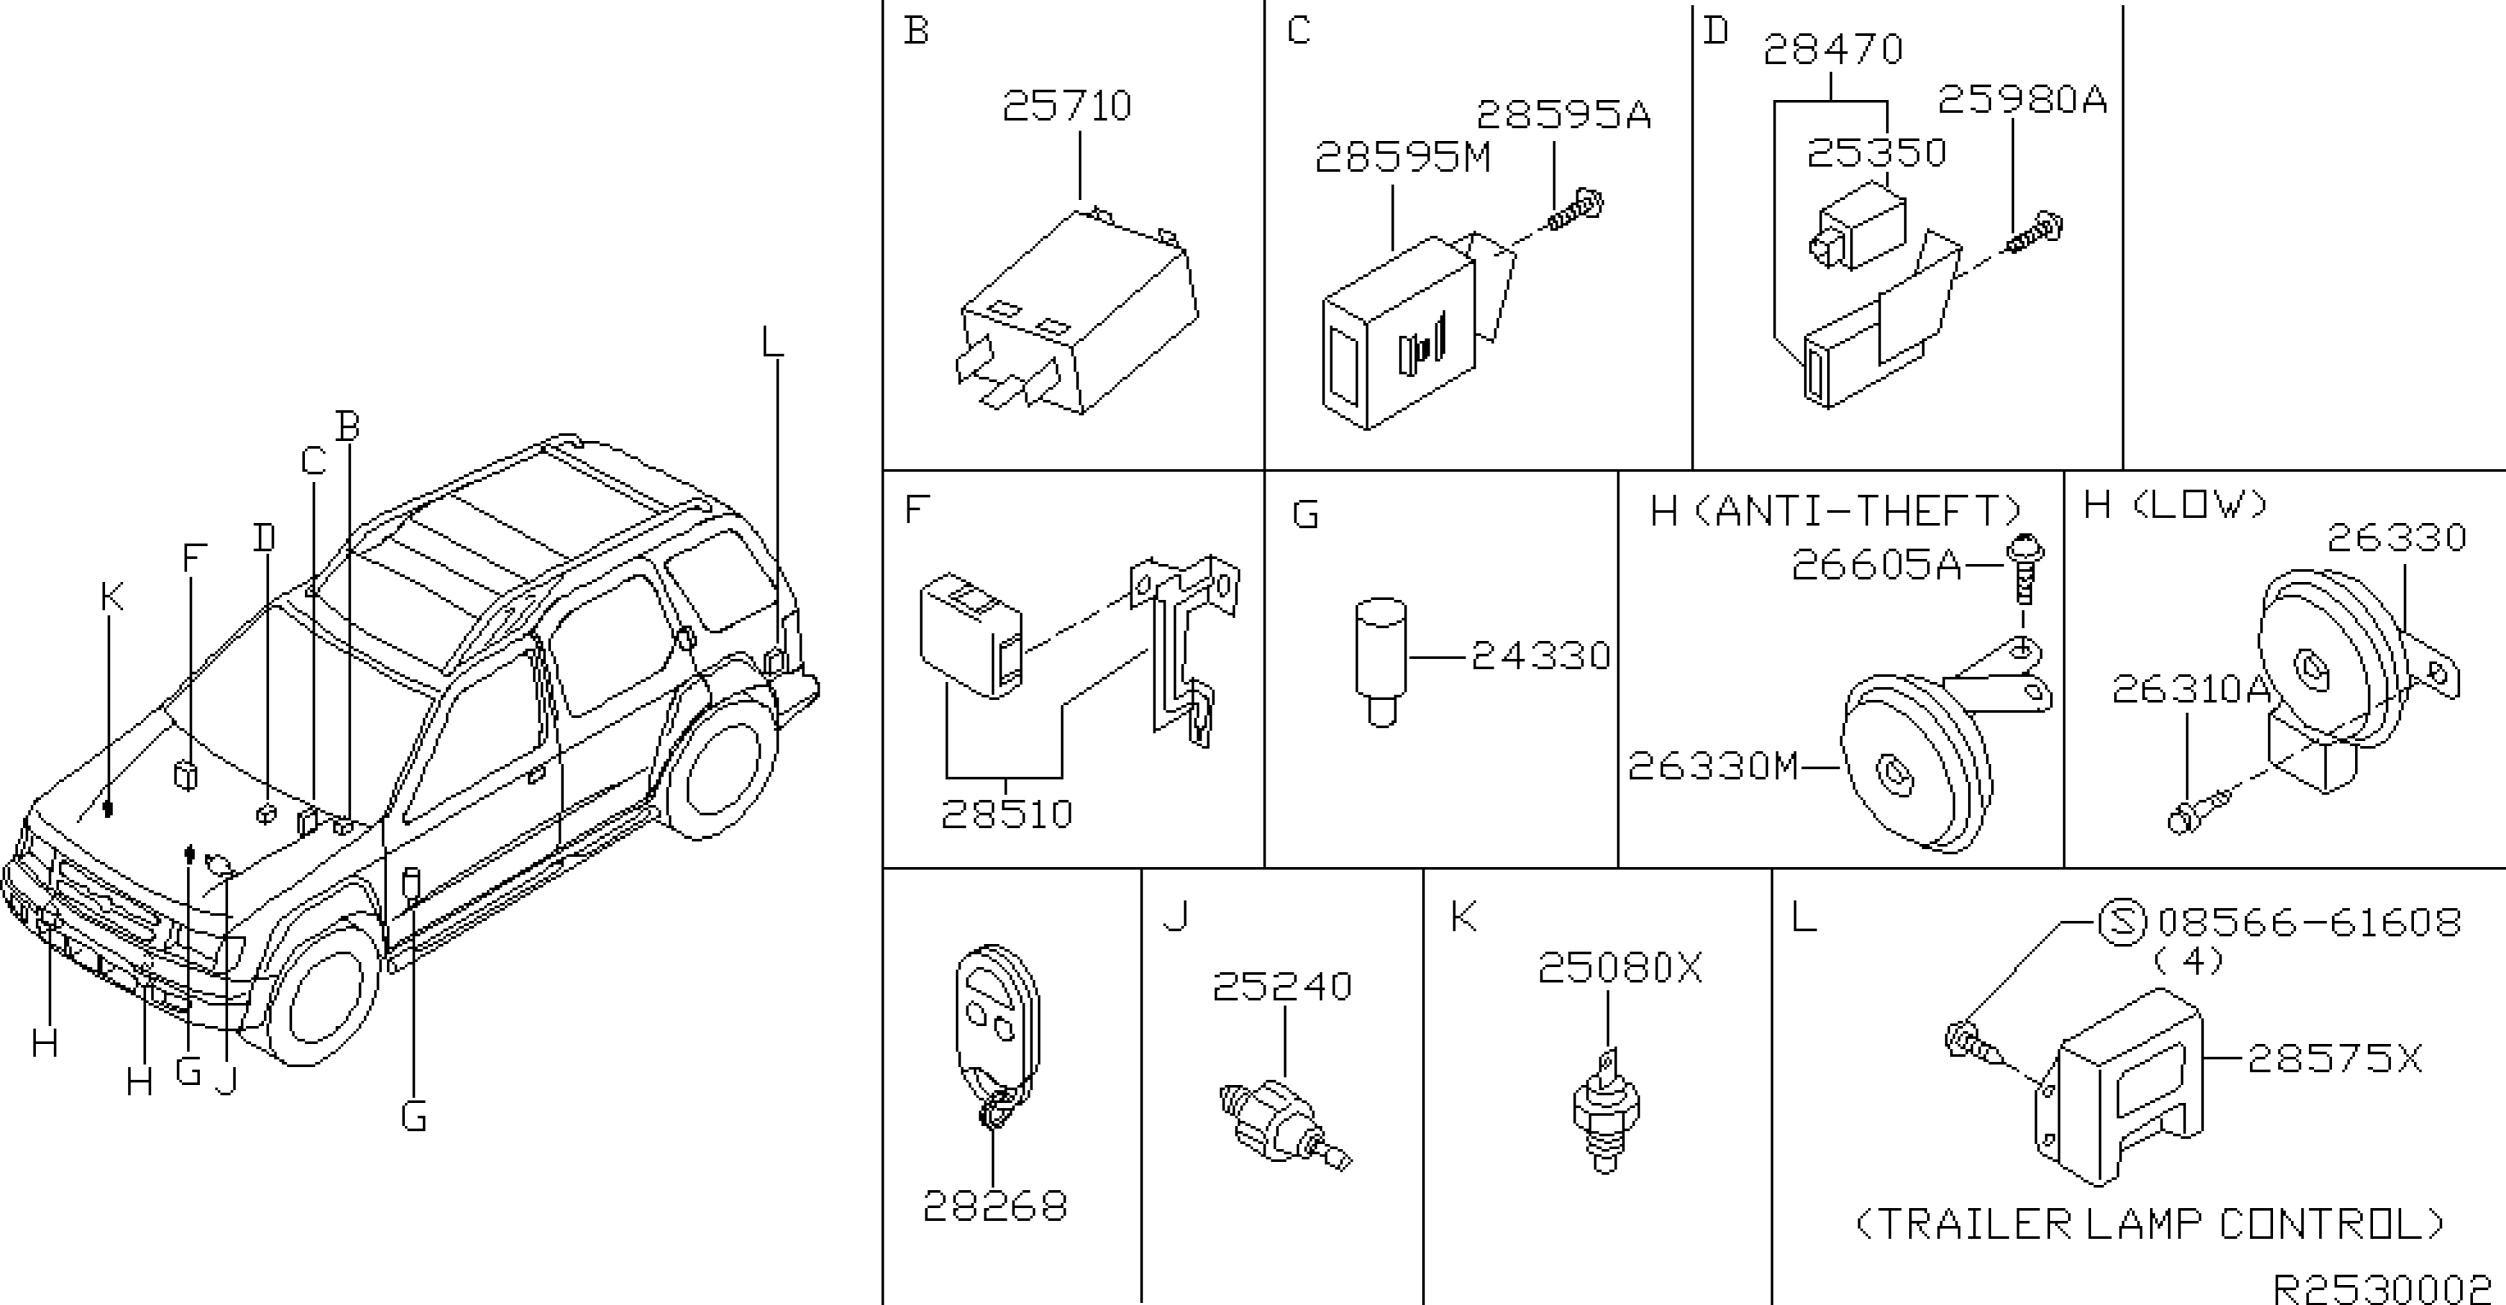 Nissan Xterra Engine Diagram 2001 Nissan Xterra Oem Parts Nissan Usa Estore Of Nissan Xterra Engine Diagram